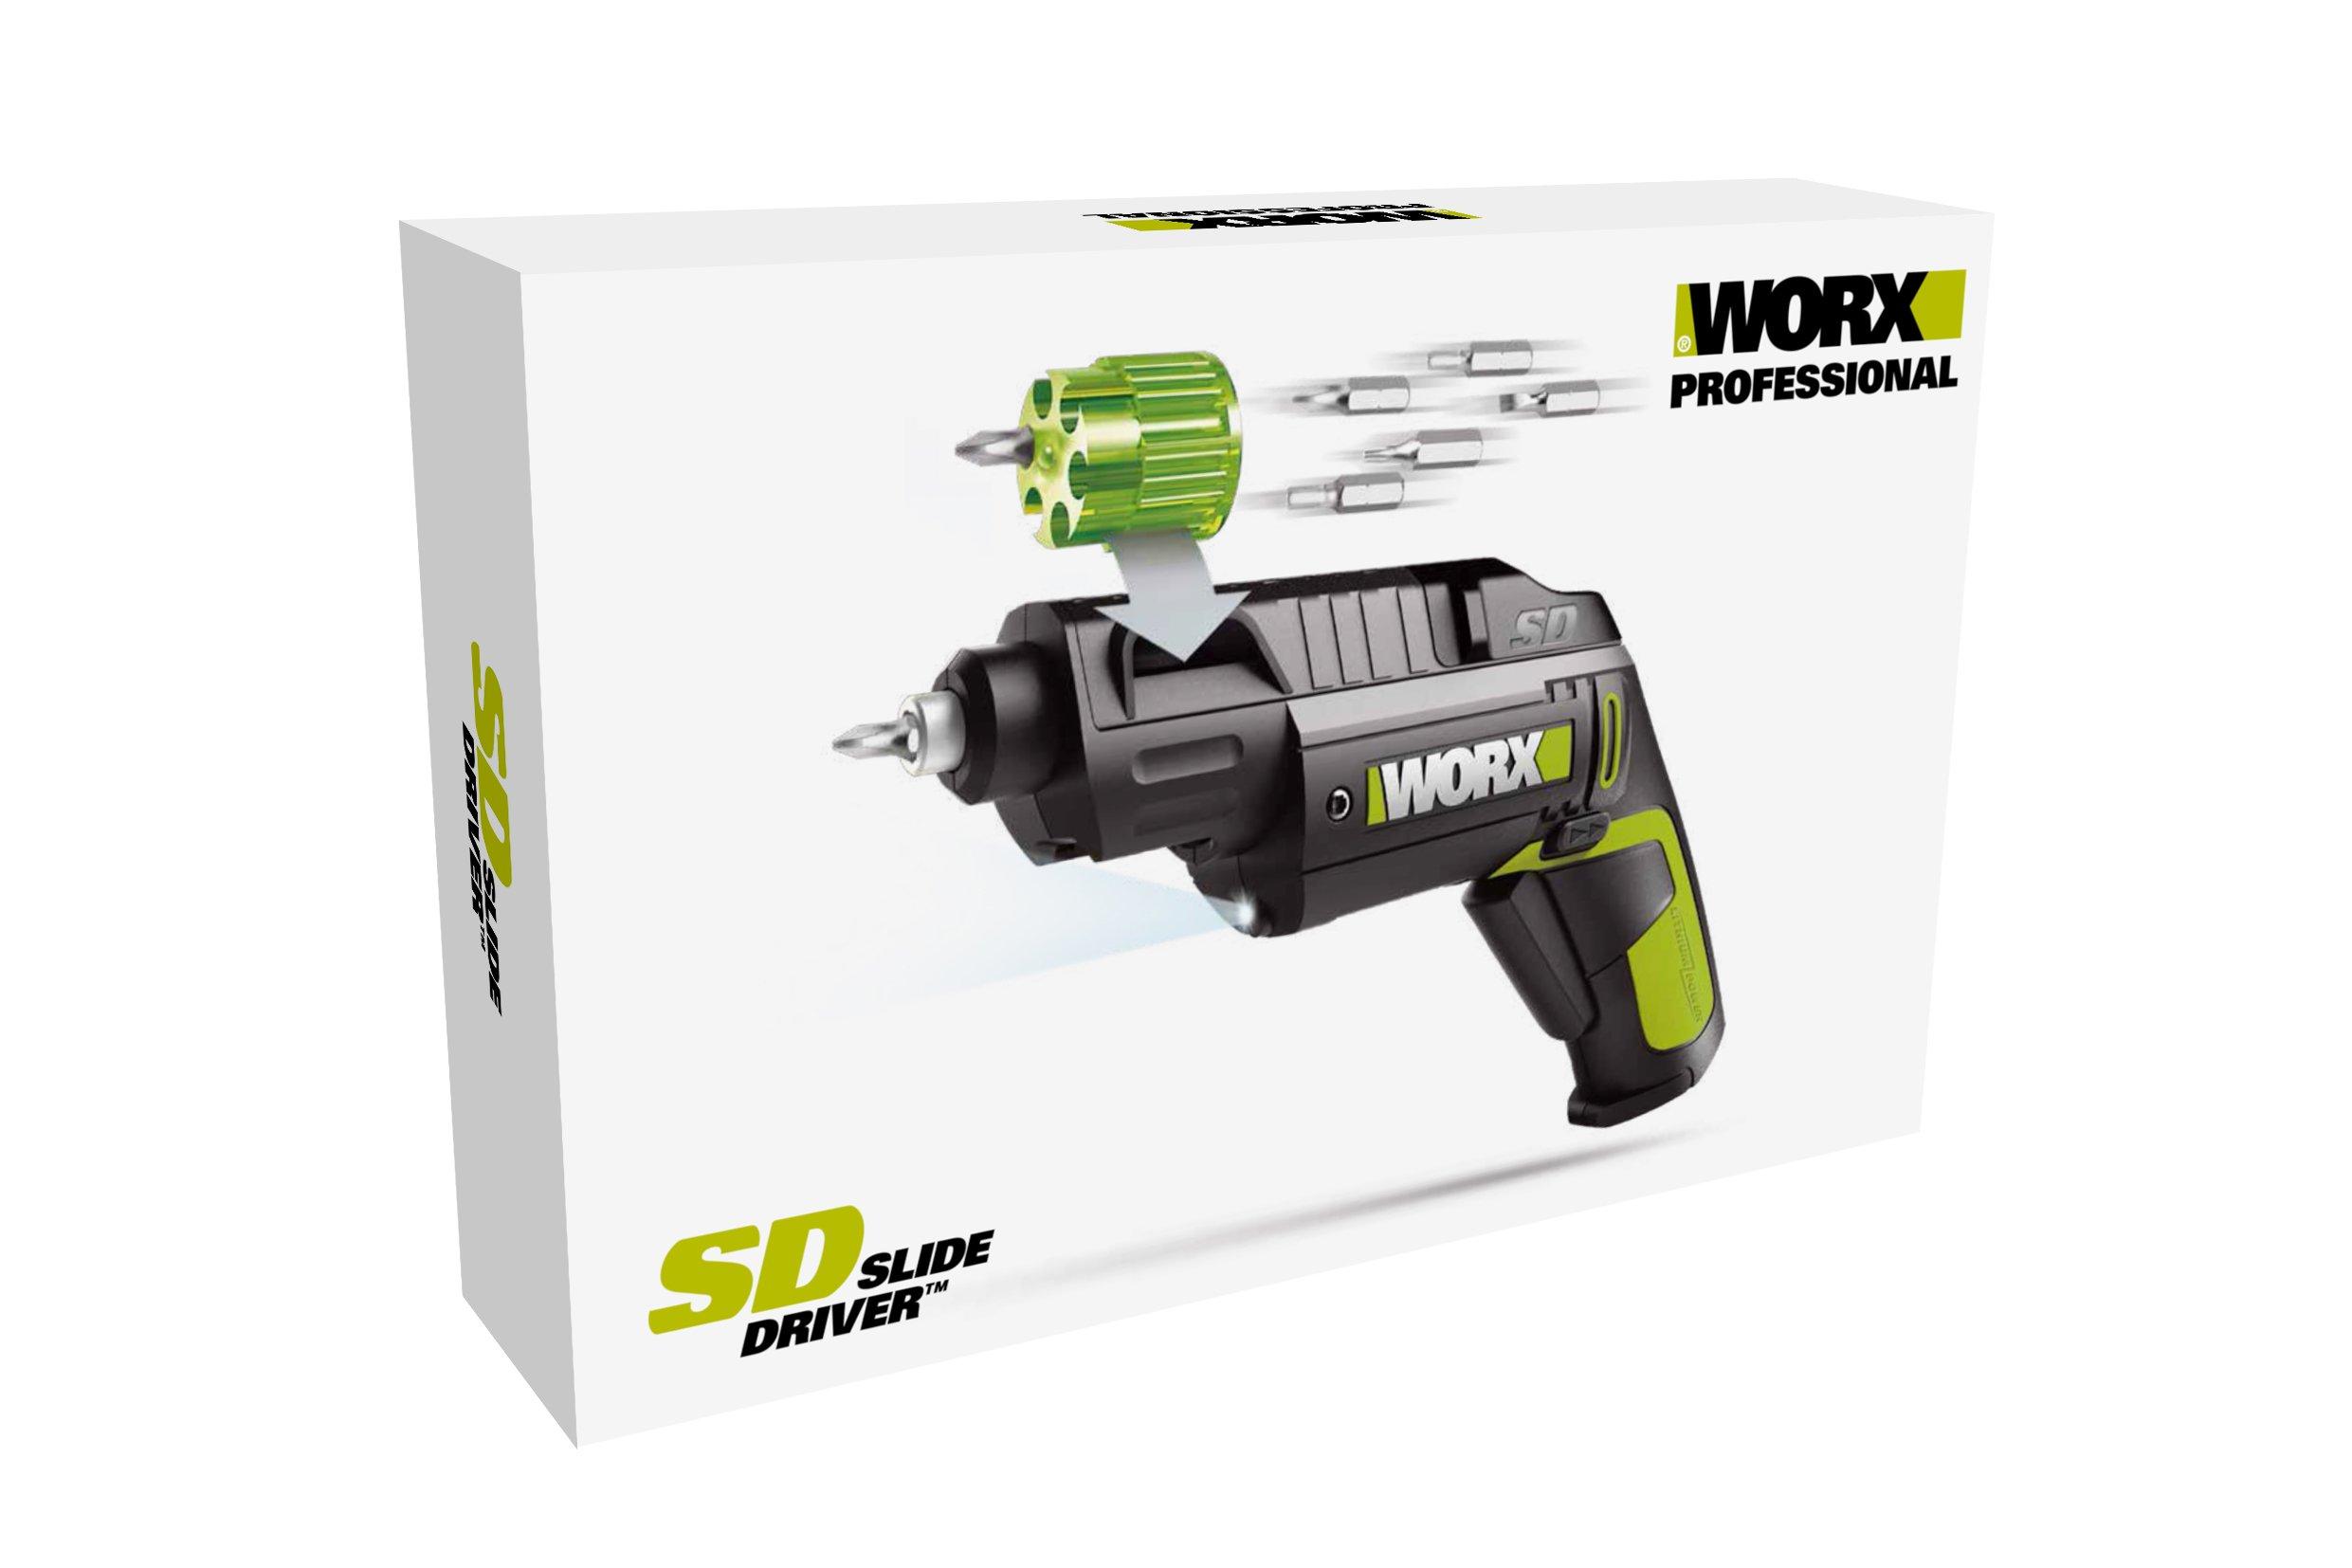 WORX-WU254-Heavy-Duty-Akkuschrauber-mit-einfachem-Wechsel-des-Bit-Magazins-in-kompaktem-Design-fr-schnelles-mheloses-Schrauben–4V-Schrauber-mit-Li-Ion-Akku-12-Bits-2-Bit-Magazine